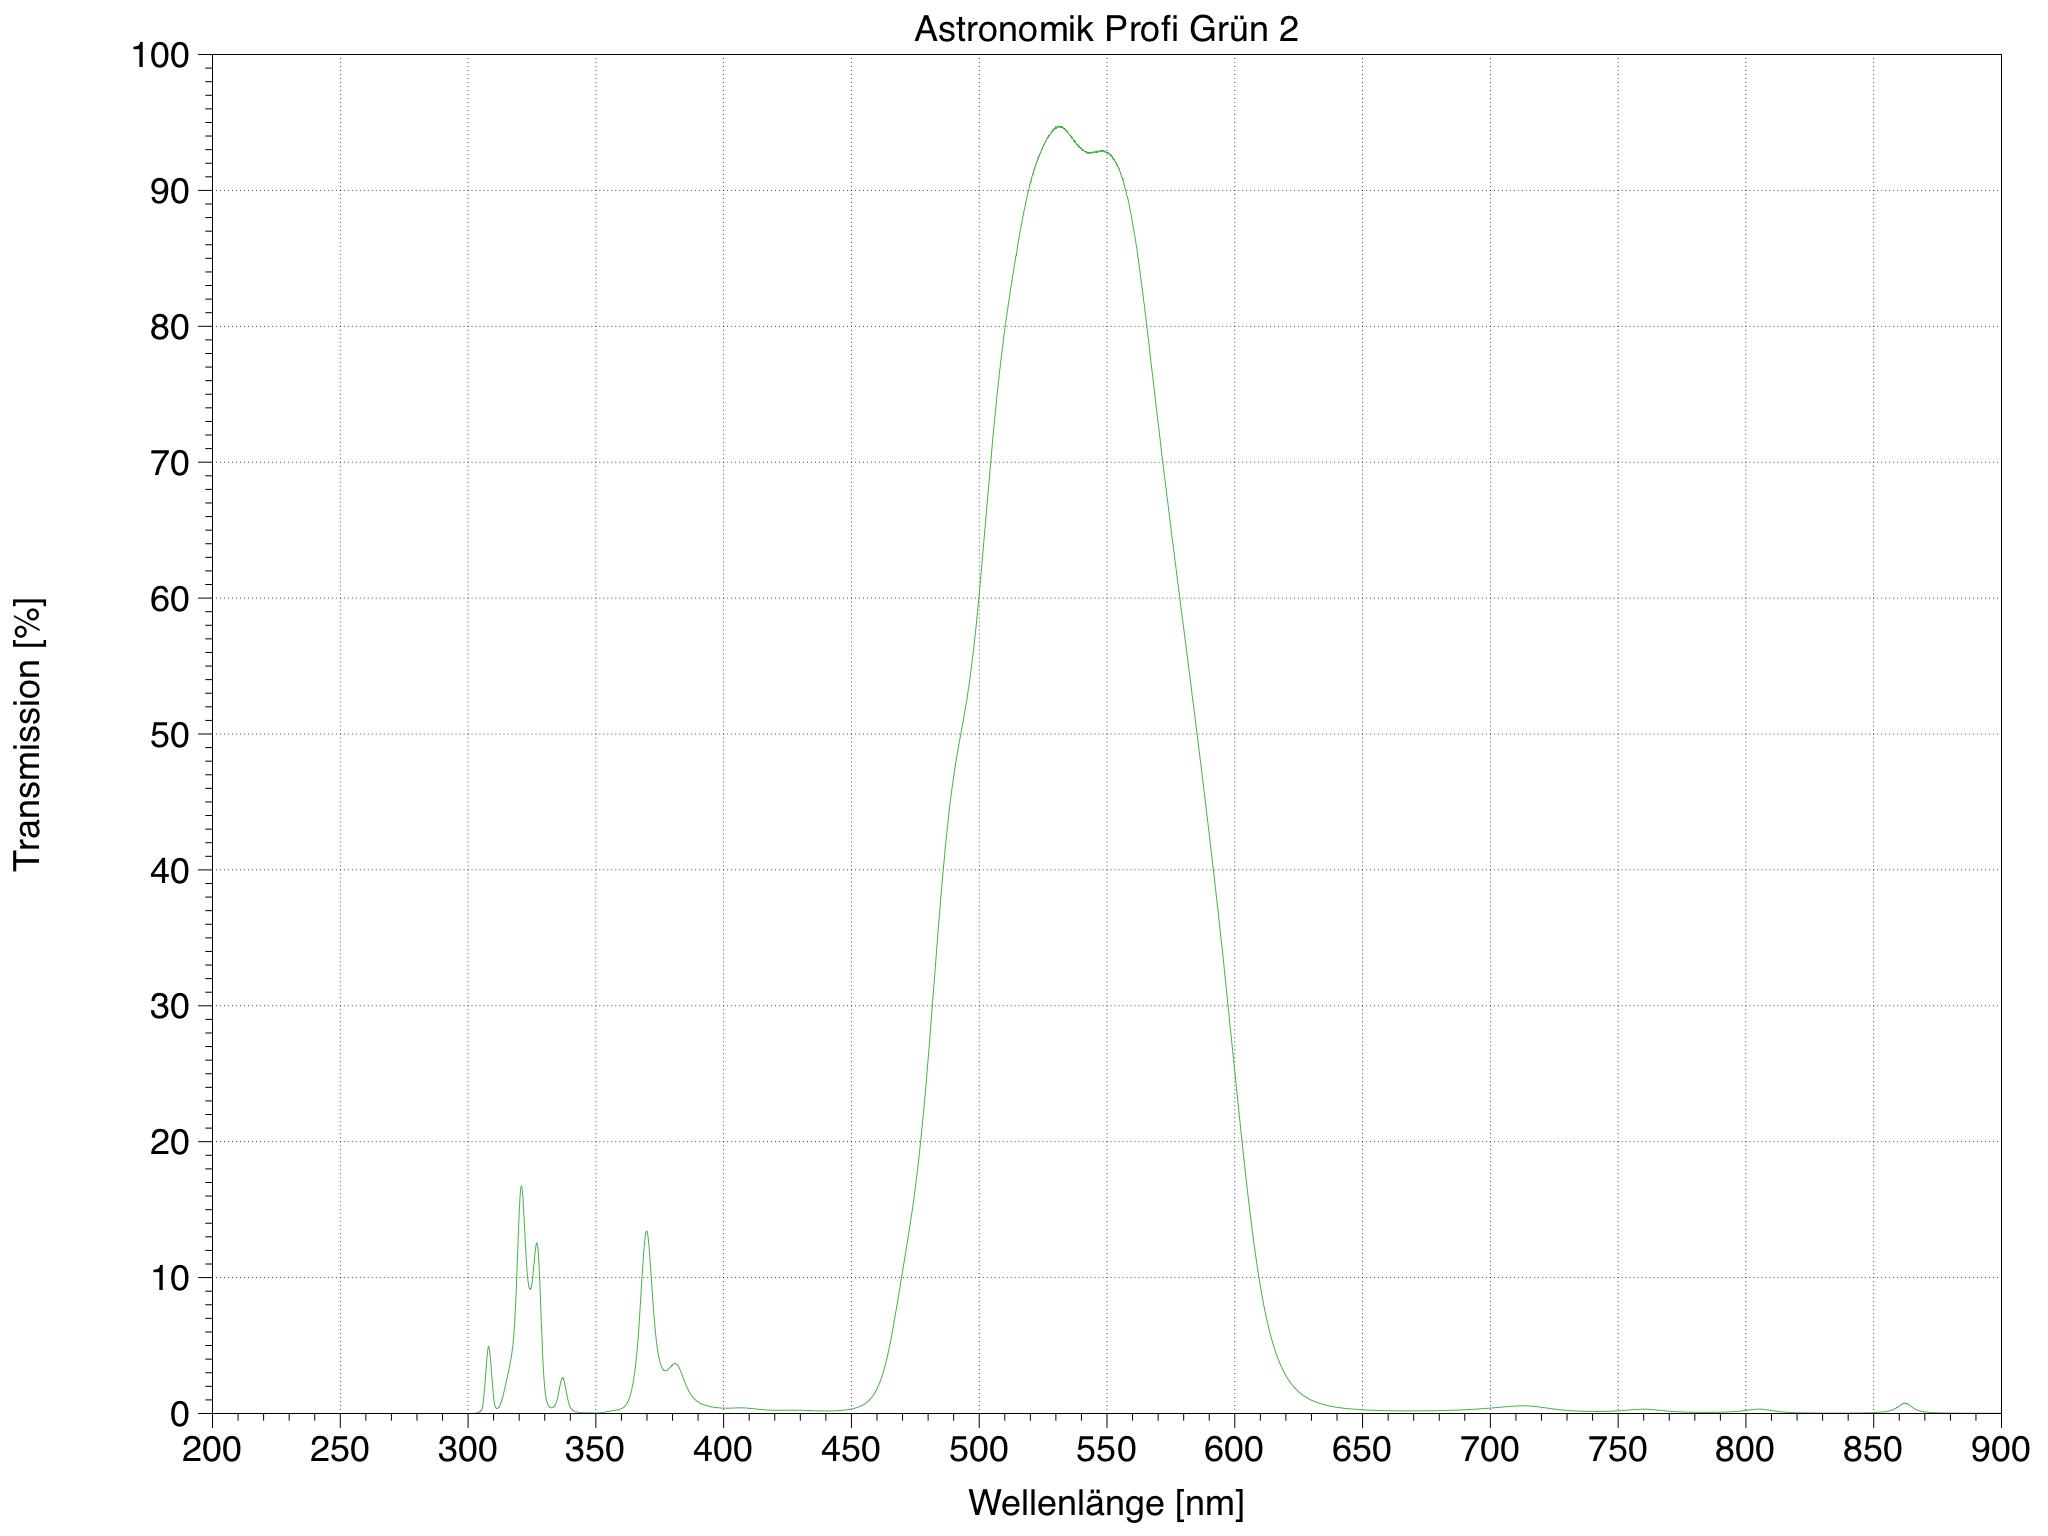 Transmission meines Astronomik Profi Grün 2 Filter gemessen mit einem Varian Cary 400 Spektrometer.